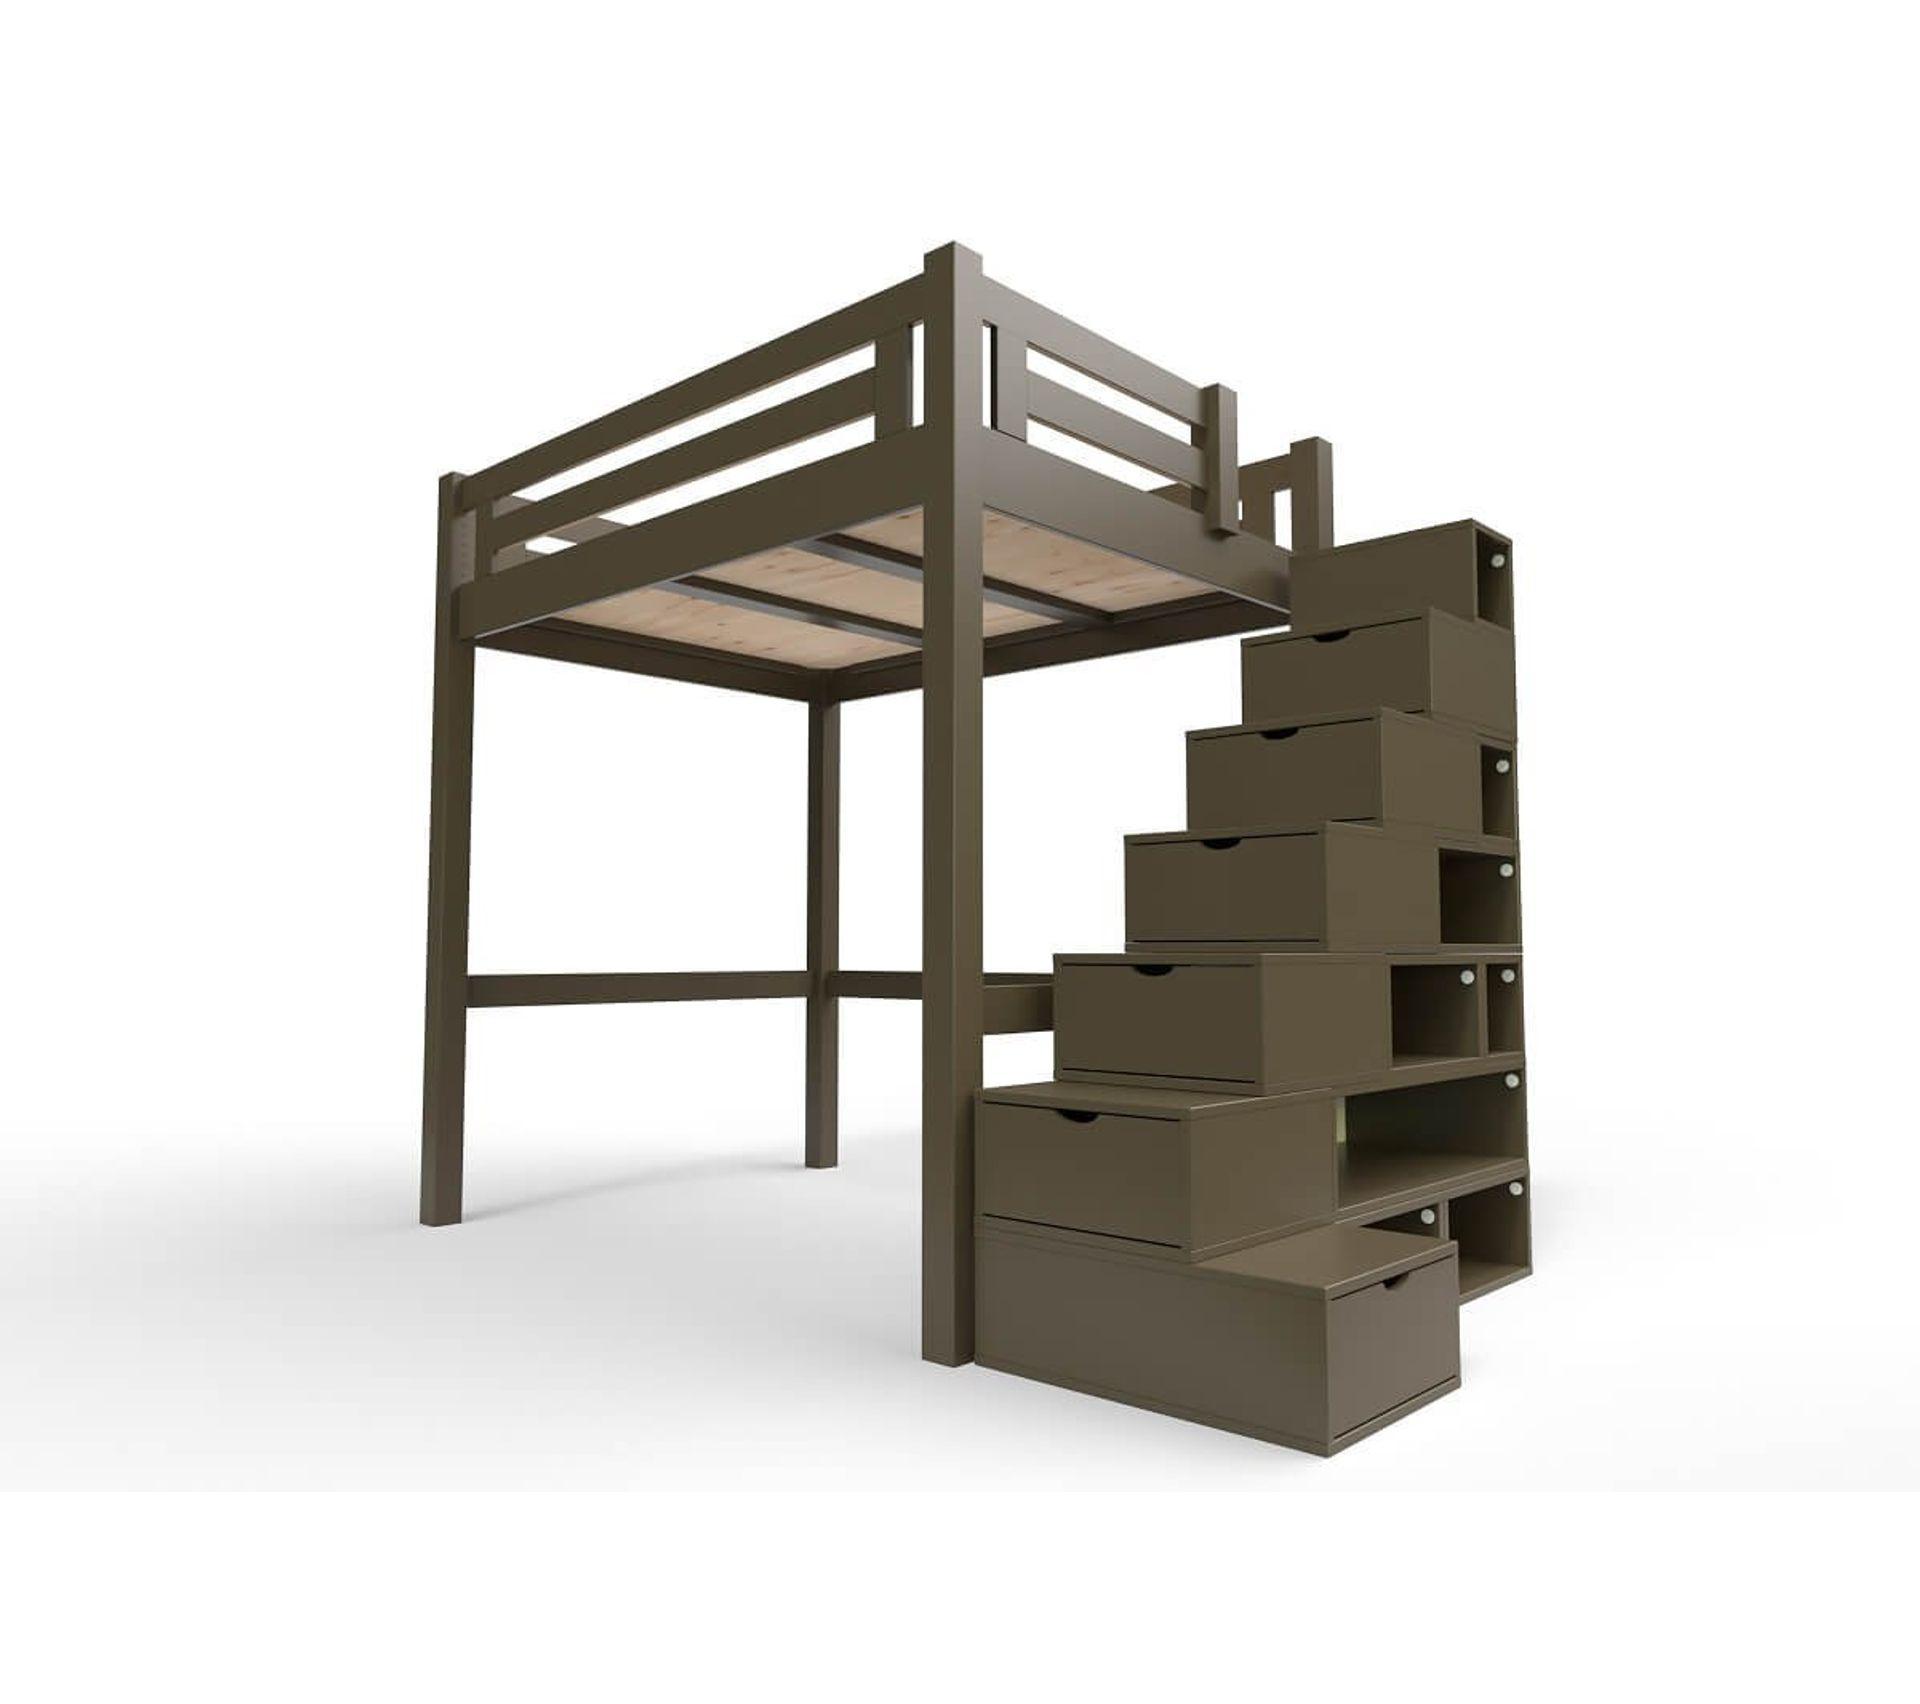 Lit Superposé Marche Escalier lit mezzanine alpage bois + escalier cube hauteur réglable, couleur: wengé,  dimensions: 120x200